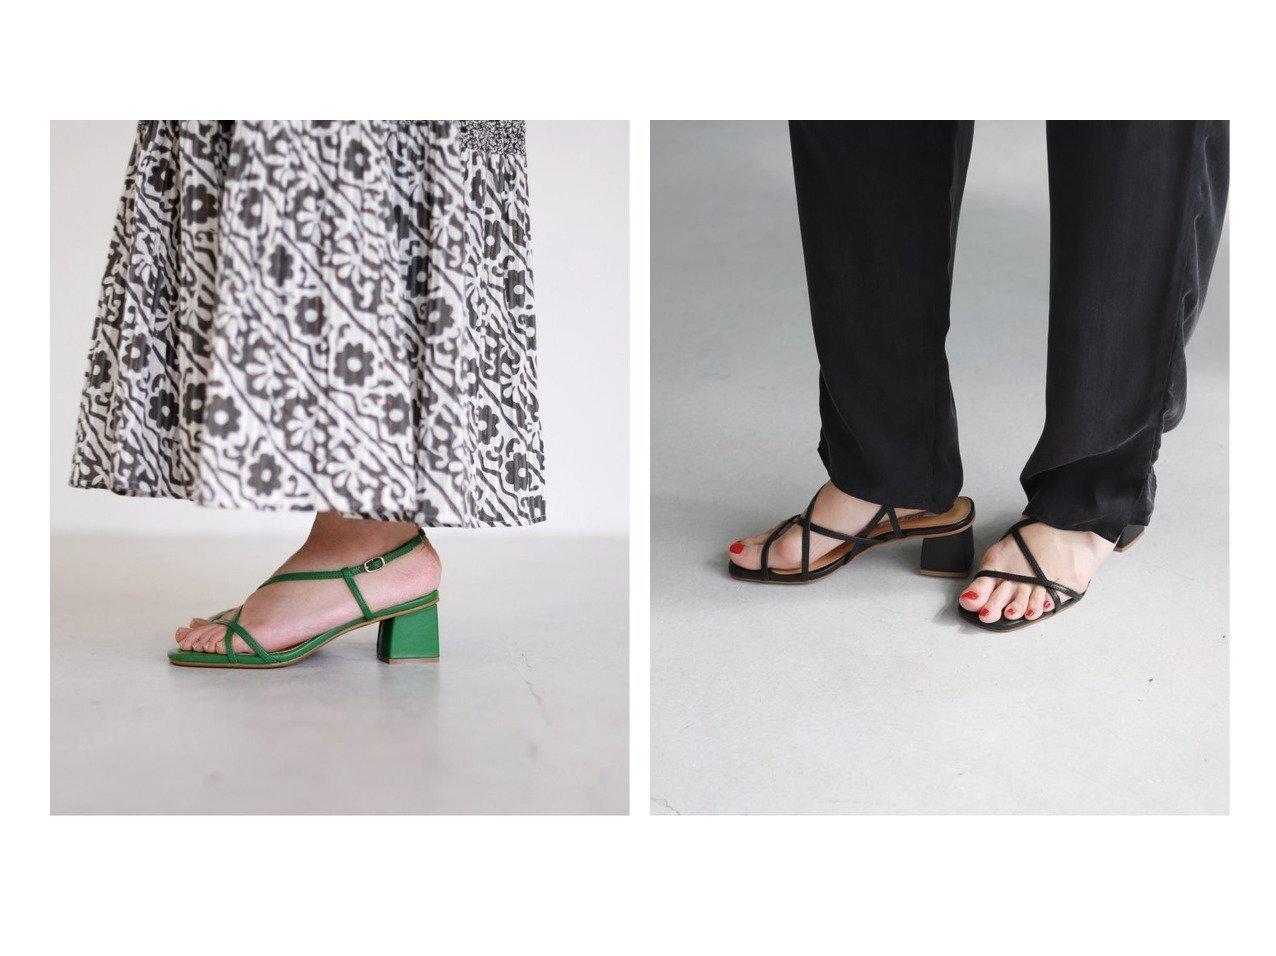 【SLOBE IENA/スローブ イエナ】のSLOBE IENA スクエアヒールサンダル 【シューズ・靴】おすすめ!人気、トレンド・レディースファッションの通販 おすすめで人気の流行・トレンド、ファッションの通販商品 インテリア・家具・メンズファッション・キッズファッション・レディースファッション・服の通販 founy(ファニー) https://founy.com/ ファッション Fashion レディースファッション WOMEN 2021年 2021 2021春夏・S/S SS/Spring/Summer/2021 S/S・春夏 SS・Spring/Summer サンダル シューズ トレンド フェミニン ラップ 夏 Summer |ID:crp329100000052821